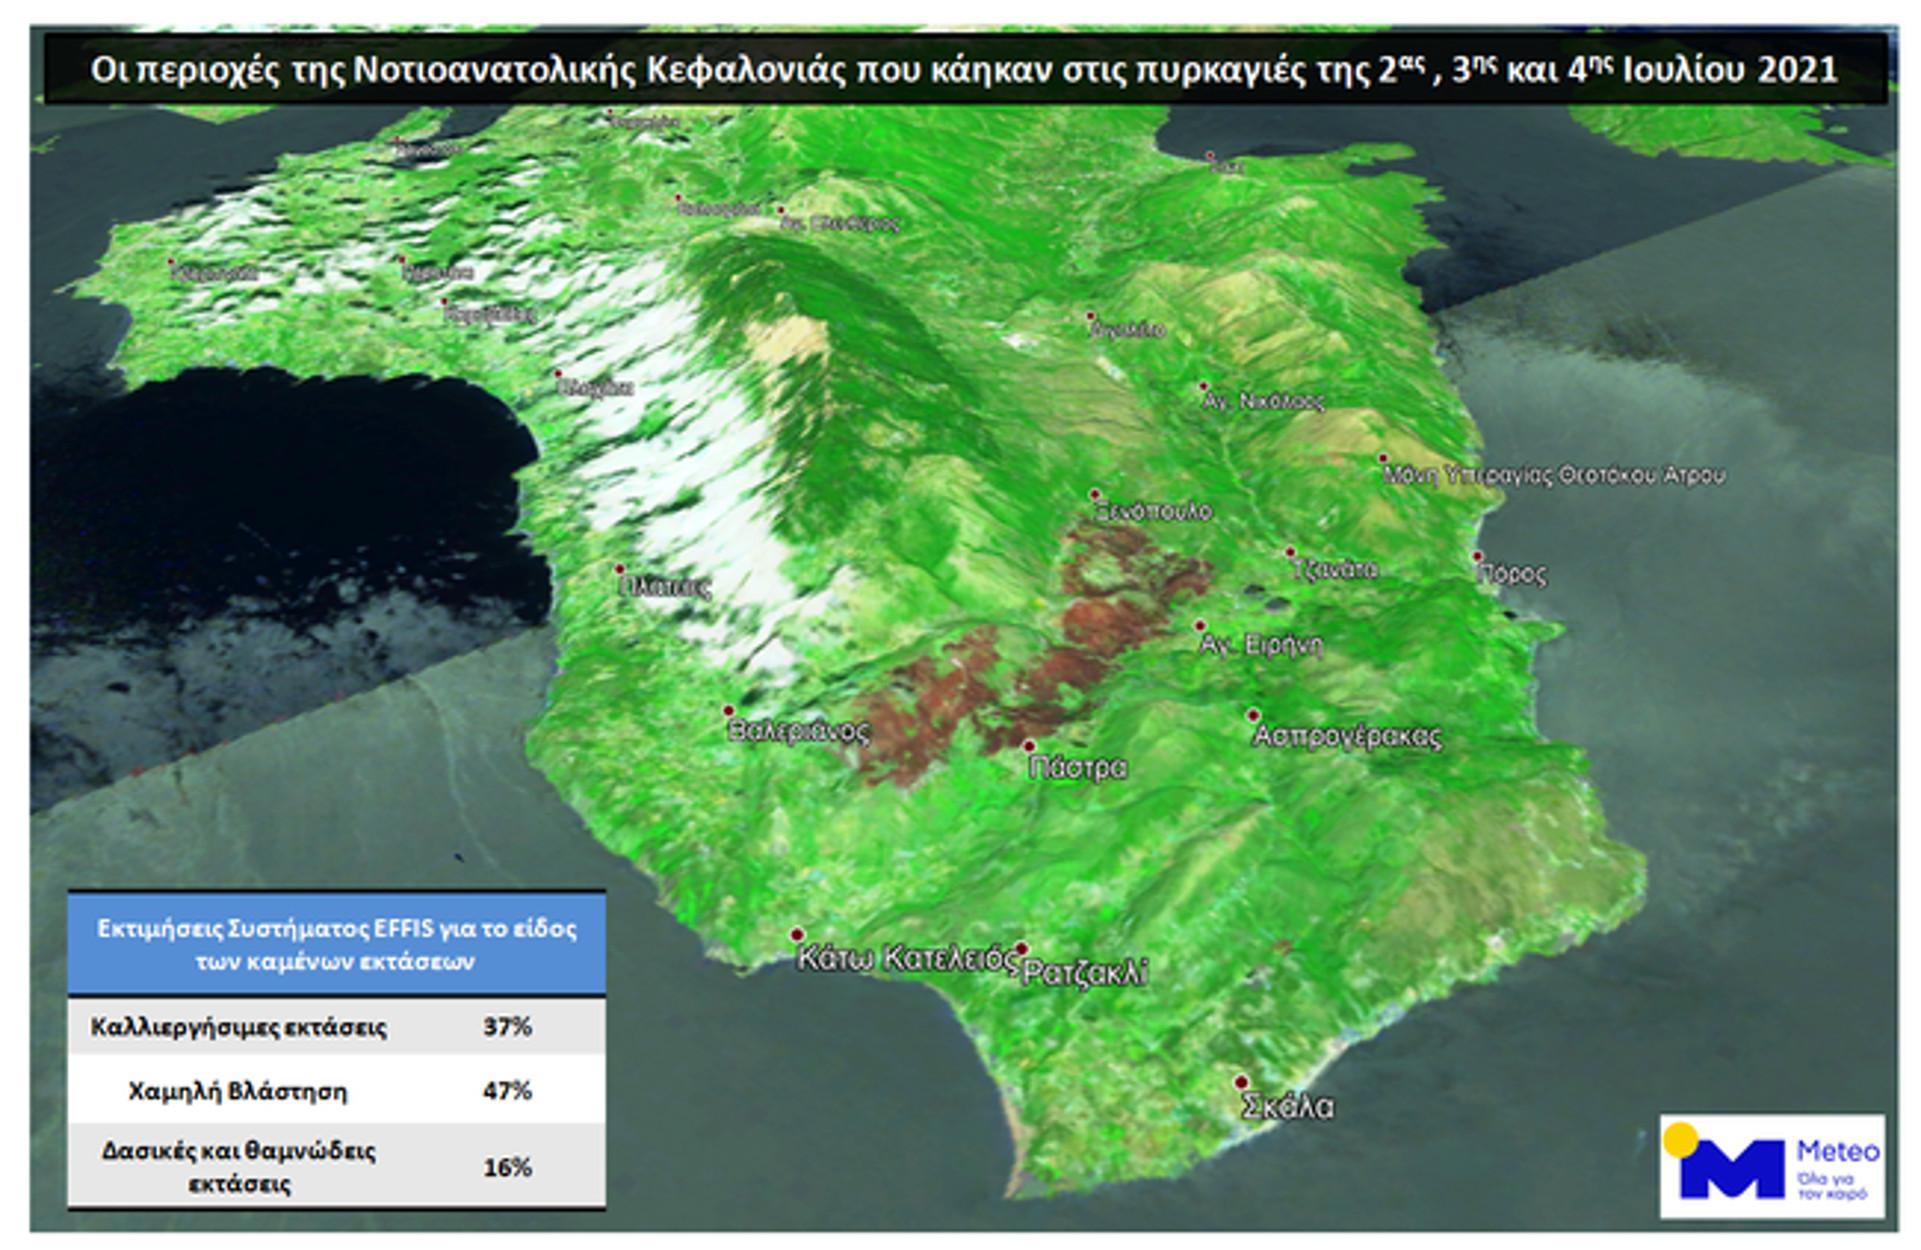 Κεφαλονιά: Στάχτη 6.000 στρέμματα από την καταστροφική φωτιά – Η αποκαλυπτική εικόνα δορυφόρου